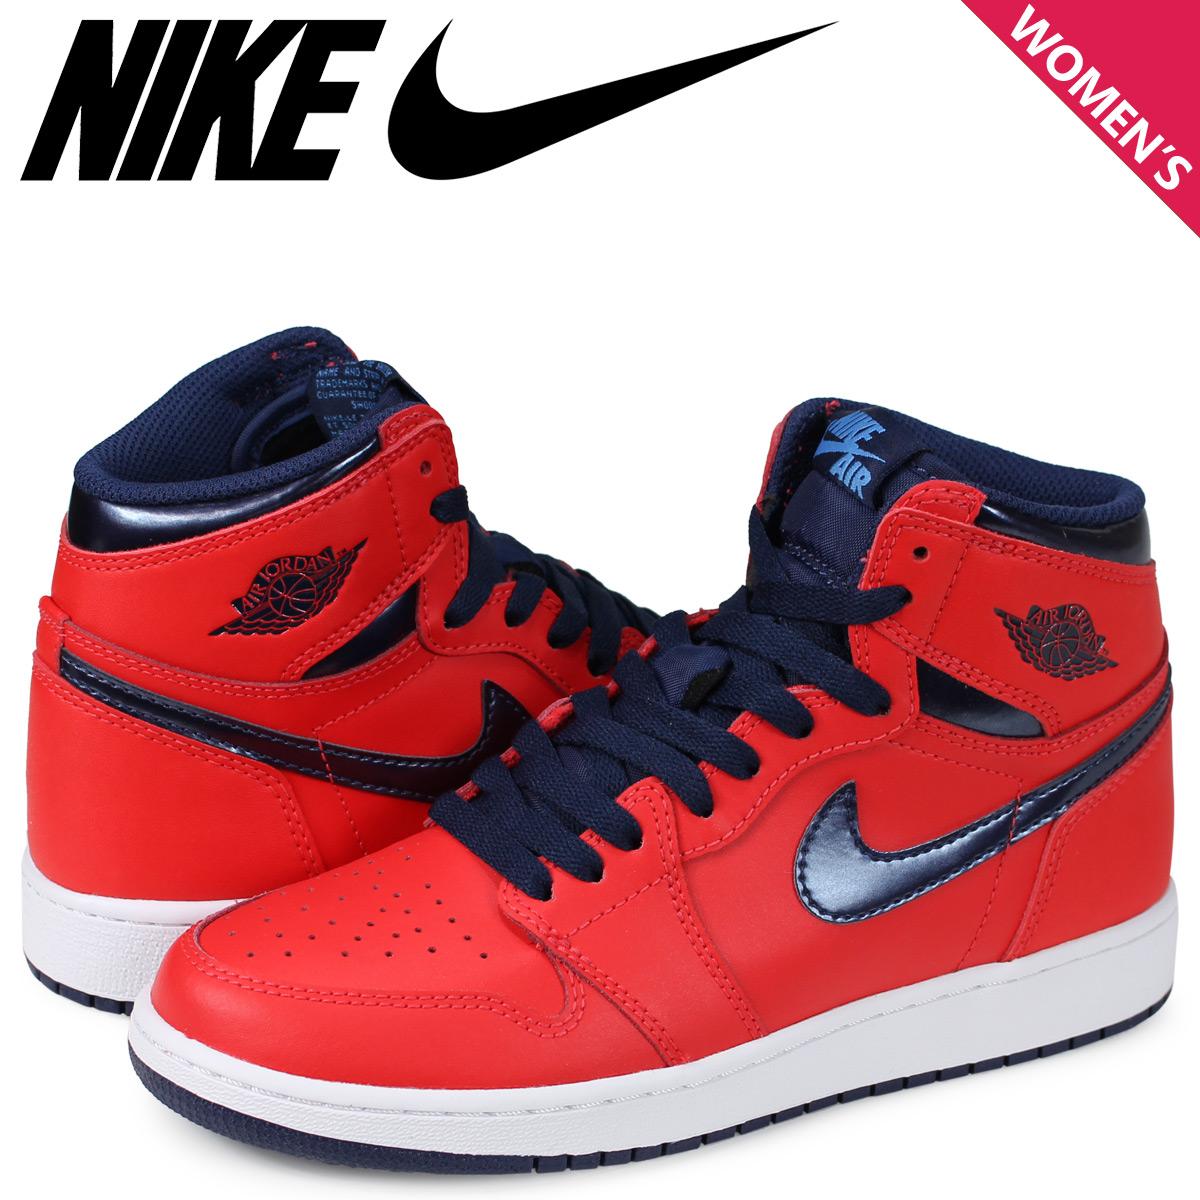 c1ea8aa62ee NIKE AIR JORDAN 1 RETRO HIGH BG Nike Air Jordan 1 nostalgic Haile Dis  sneakers red ...